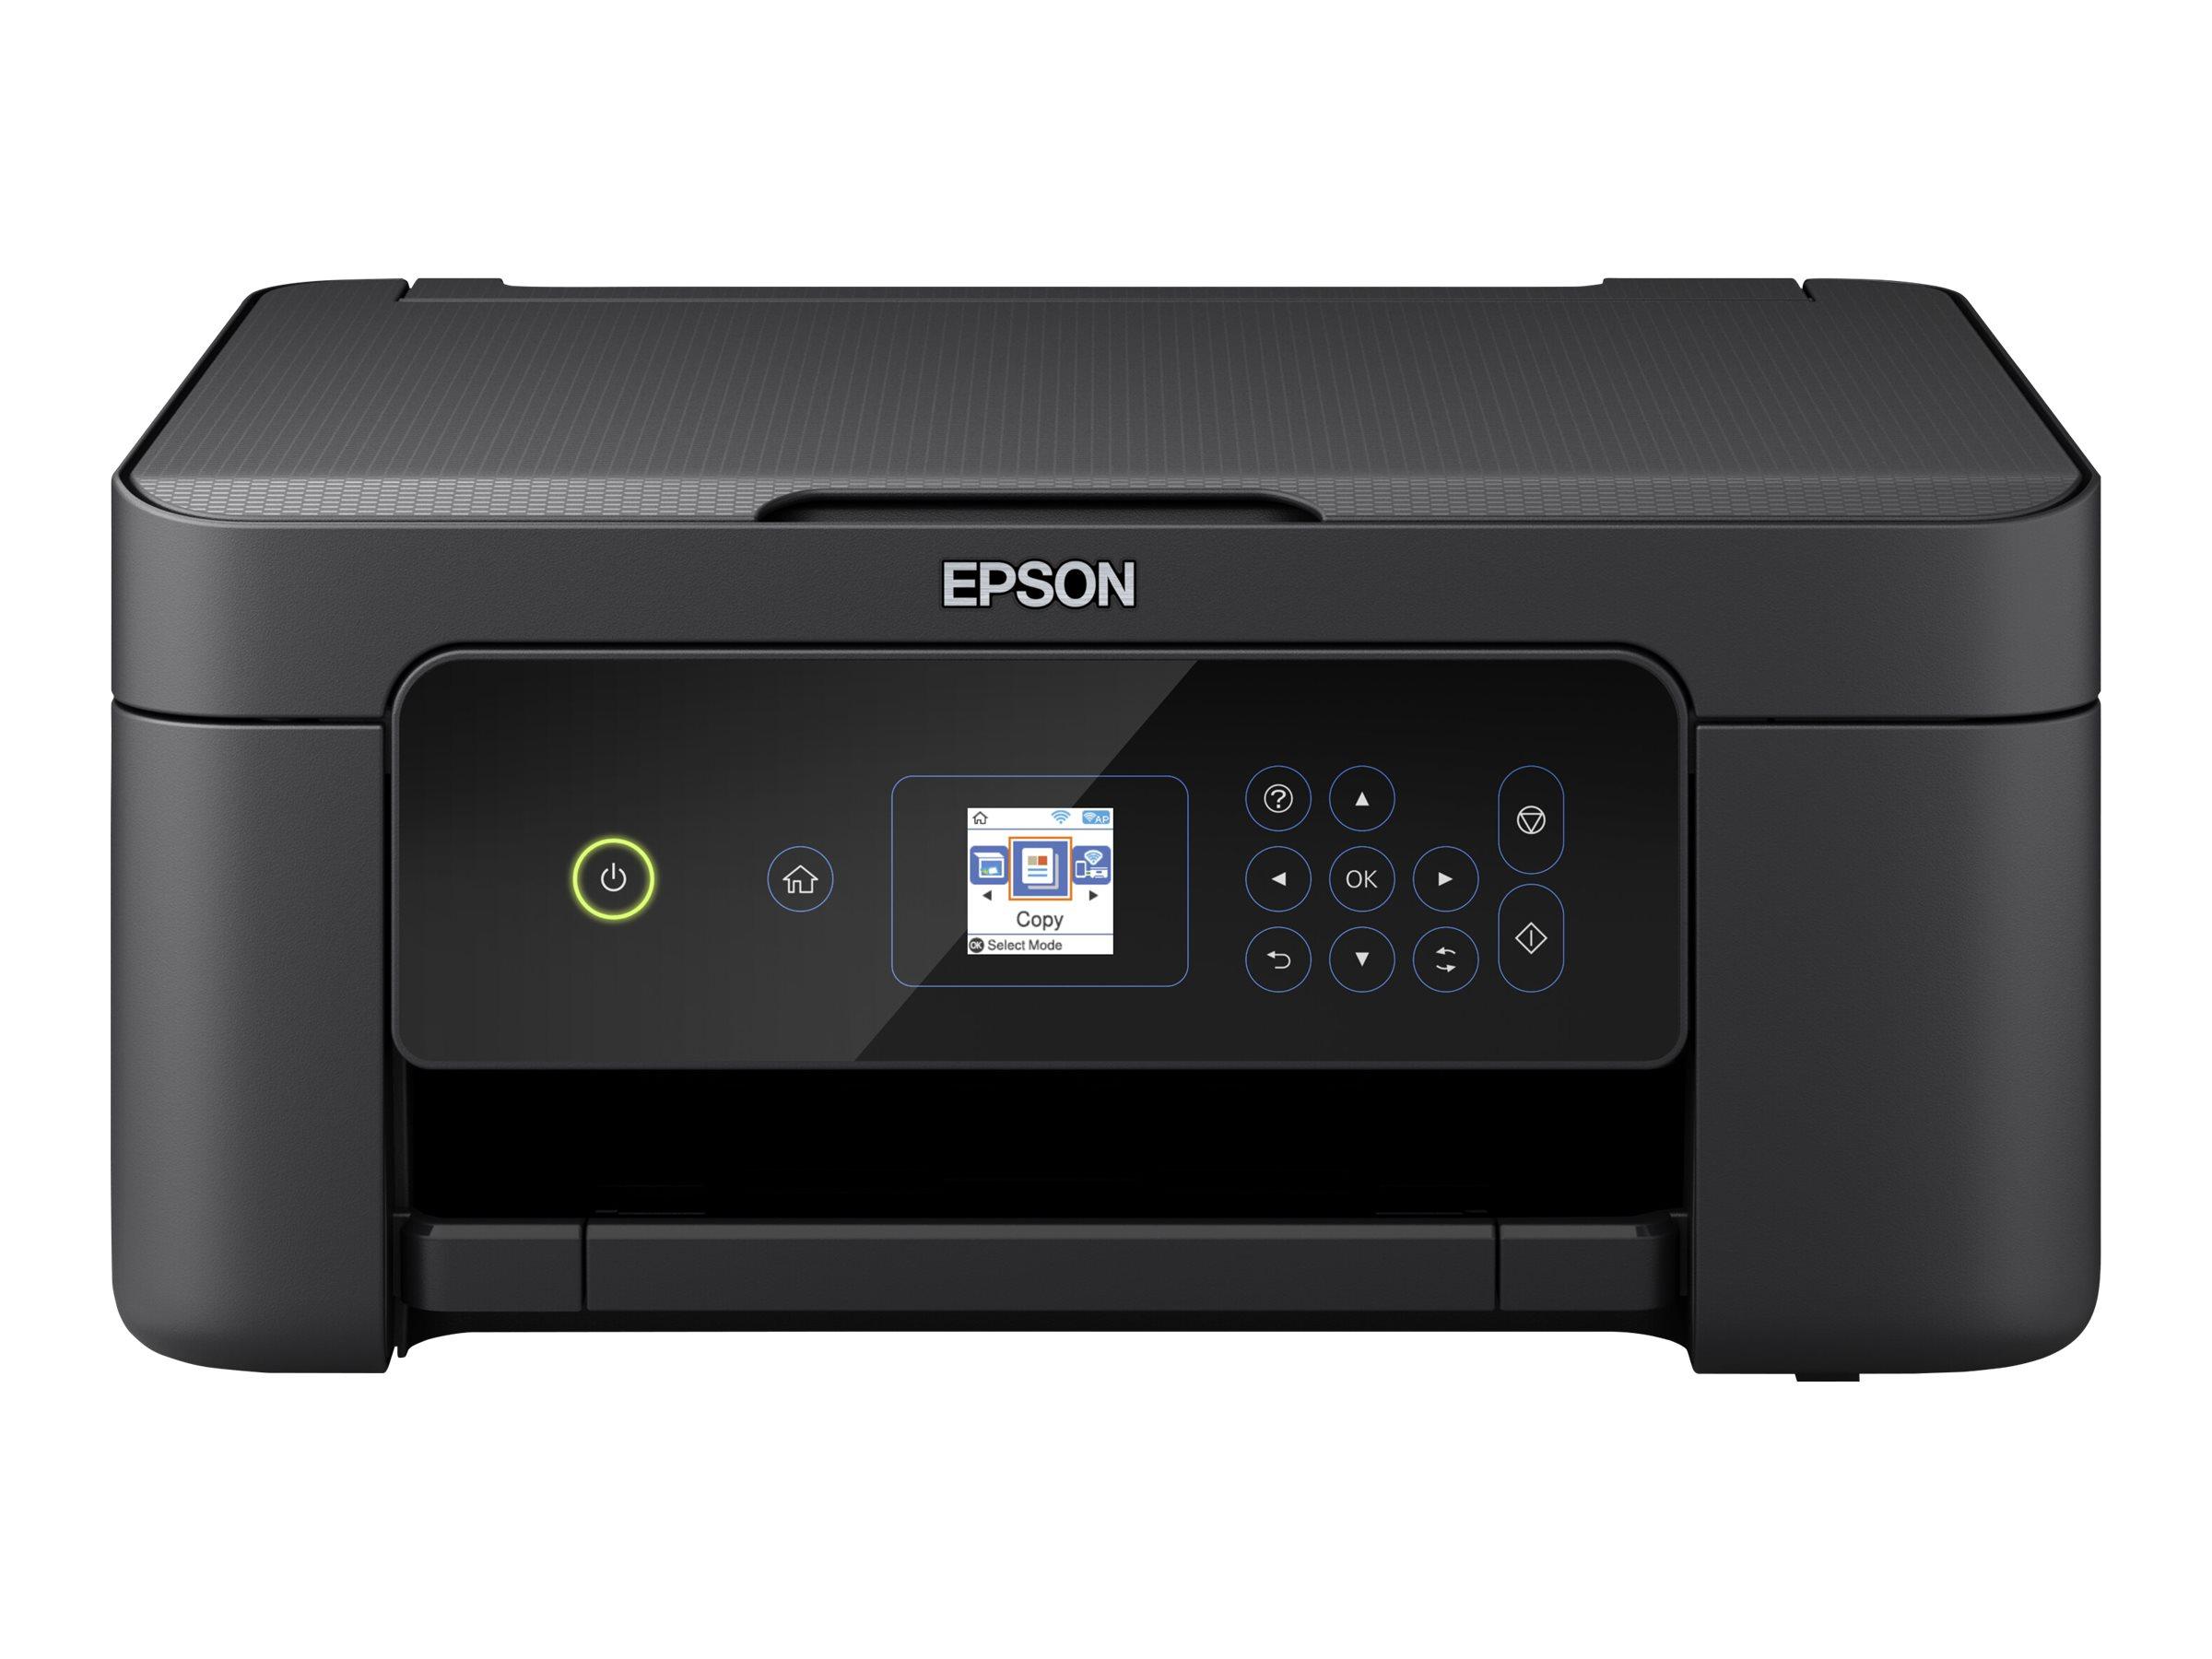 Epson Expression Home XP-3105 - Multifunktionsdrucker - Farbe - Tintenstrahl - A4/Legal (Medien) - bis zu 33 Seiten/Min. (Drucke